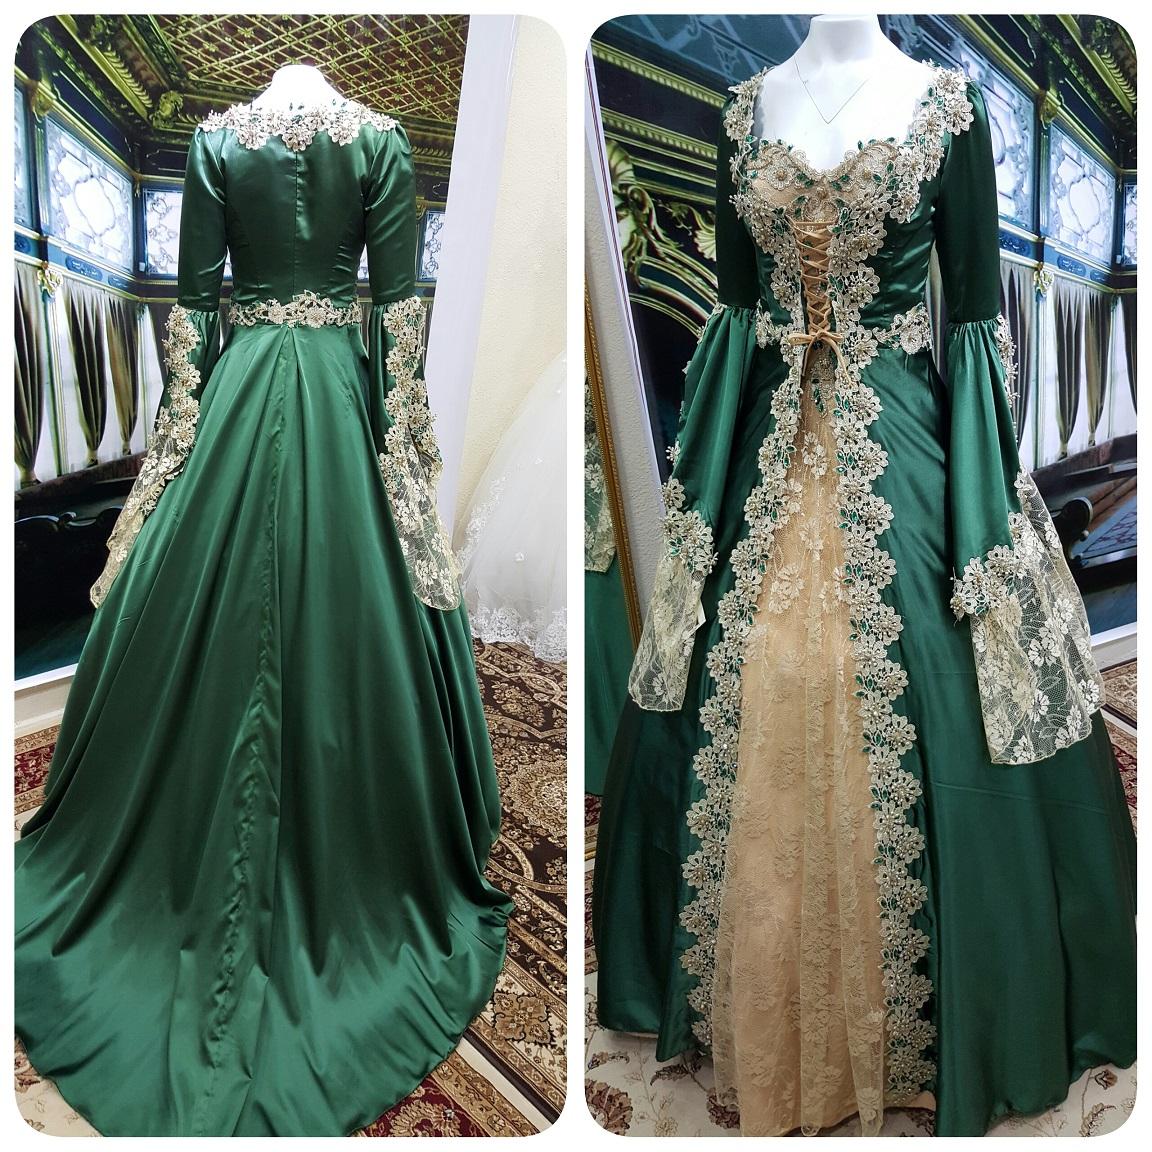 صورة ملابس حريم السلطان , موديلات نادرة من ازياء حريم السلطان 778 6